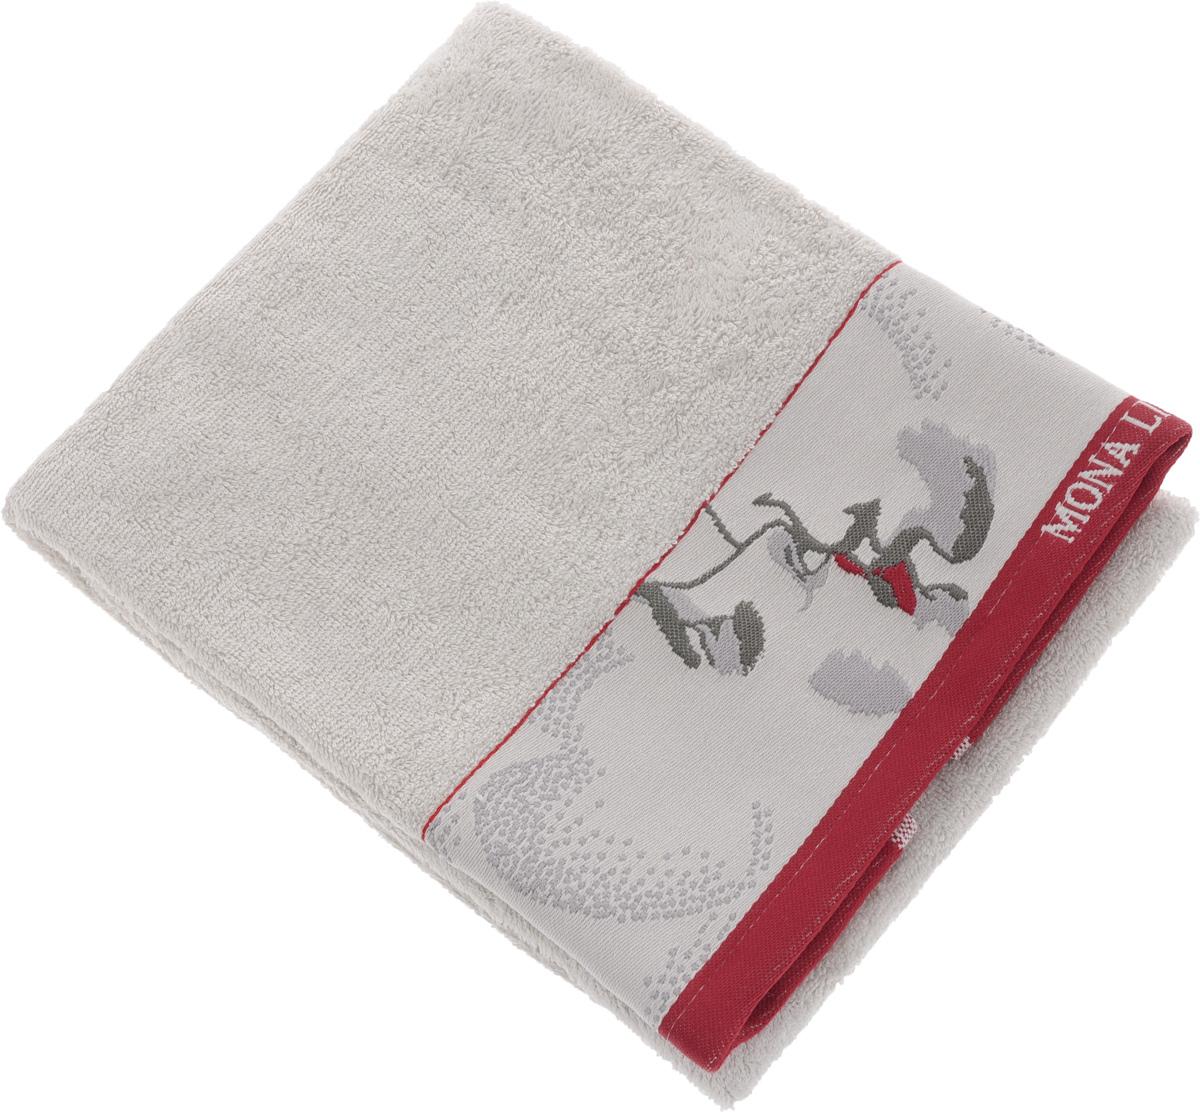 Полотенце Mona Liza Two, цвет: светло-серый, красный, 50 х 90 см68/5/3Мягкое полотенце Two изготовлено из 30% хлопка и 70% бамбукового волокна. Полотенце Two с жаккардовым бордюром обладает высокой впитывающей способностью и сочетает в себе элегантную роскошь и практичность. Благодаря высокому качеству изготовления, полотенце будет радовать вас многие годы. Мотивы коллекции Mona Liza Premium bu Serg Look навеяны итальянскими фресками эпохи Ренессанса, периода удивительной гармонии в искусстве. В представленной коллекции для нанесения на ткань рисунка применяется многоцветная печать, метод реактивного крашения, который позволяет создать уникальную цветовую гамму, напоминающую старинные фрески. Этот метод также обеспечивает высокую устойчивость краски при стирке.